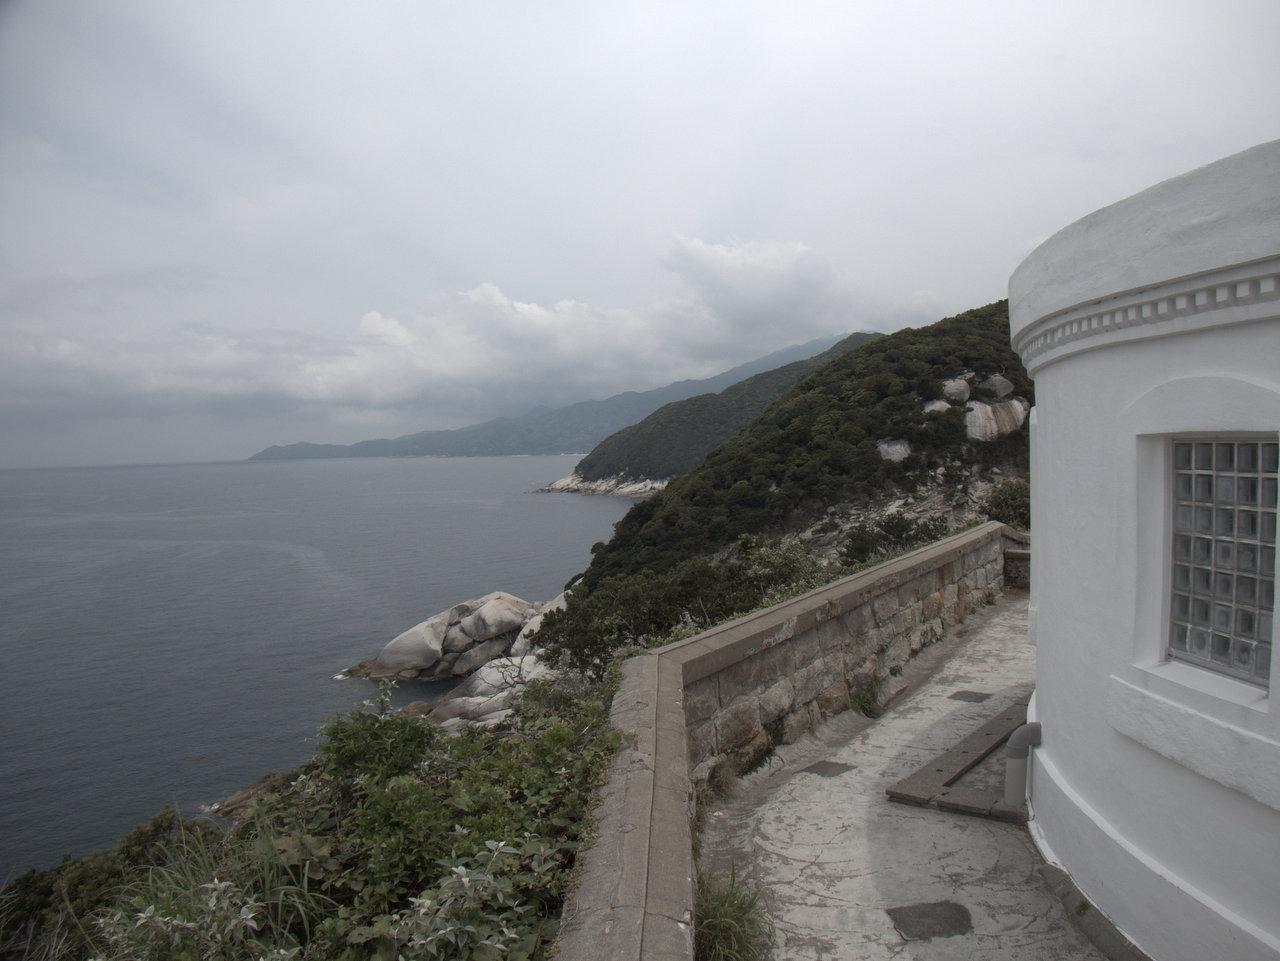 灯台からの見晴らしは良い